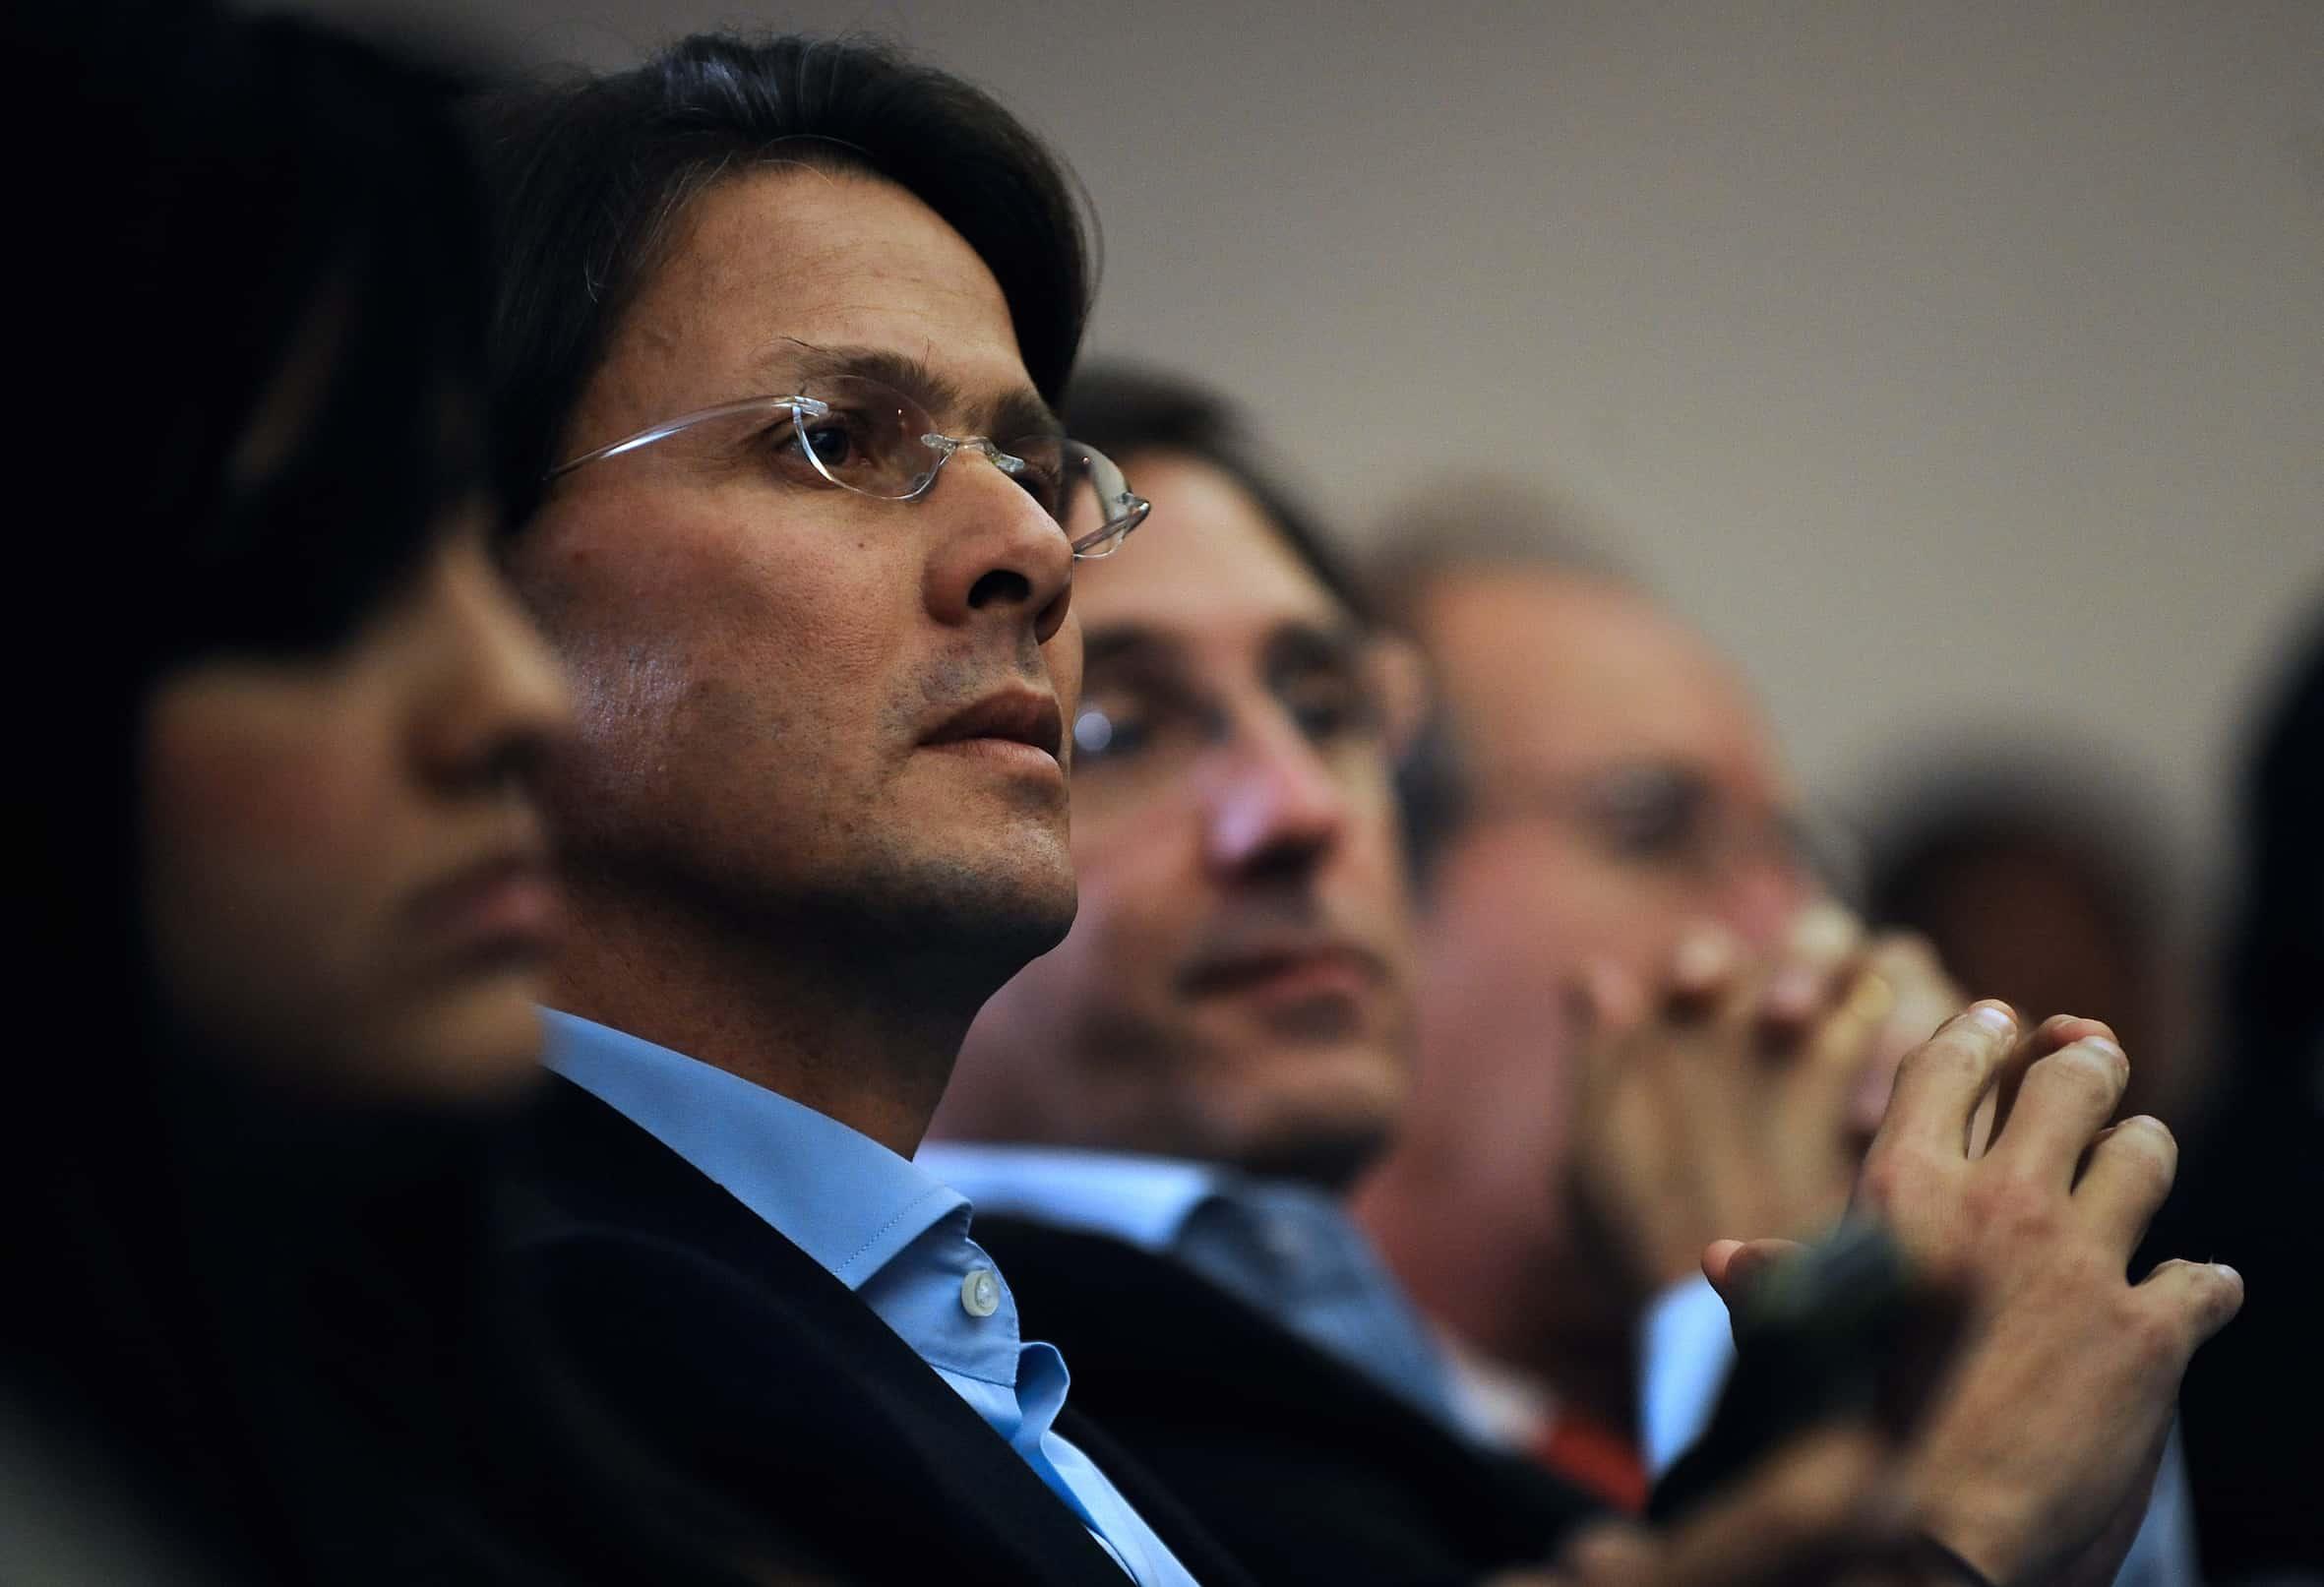 Venezuelan businessman Lorenzo Mendoza